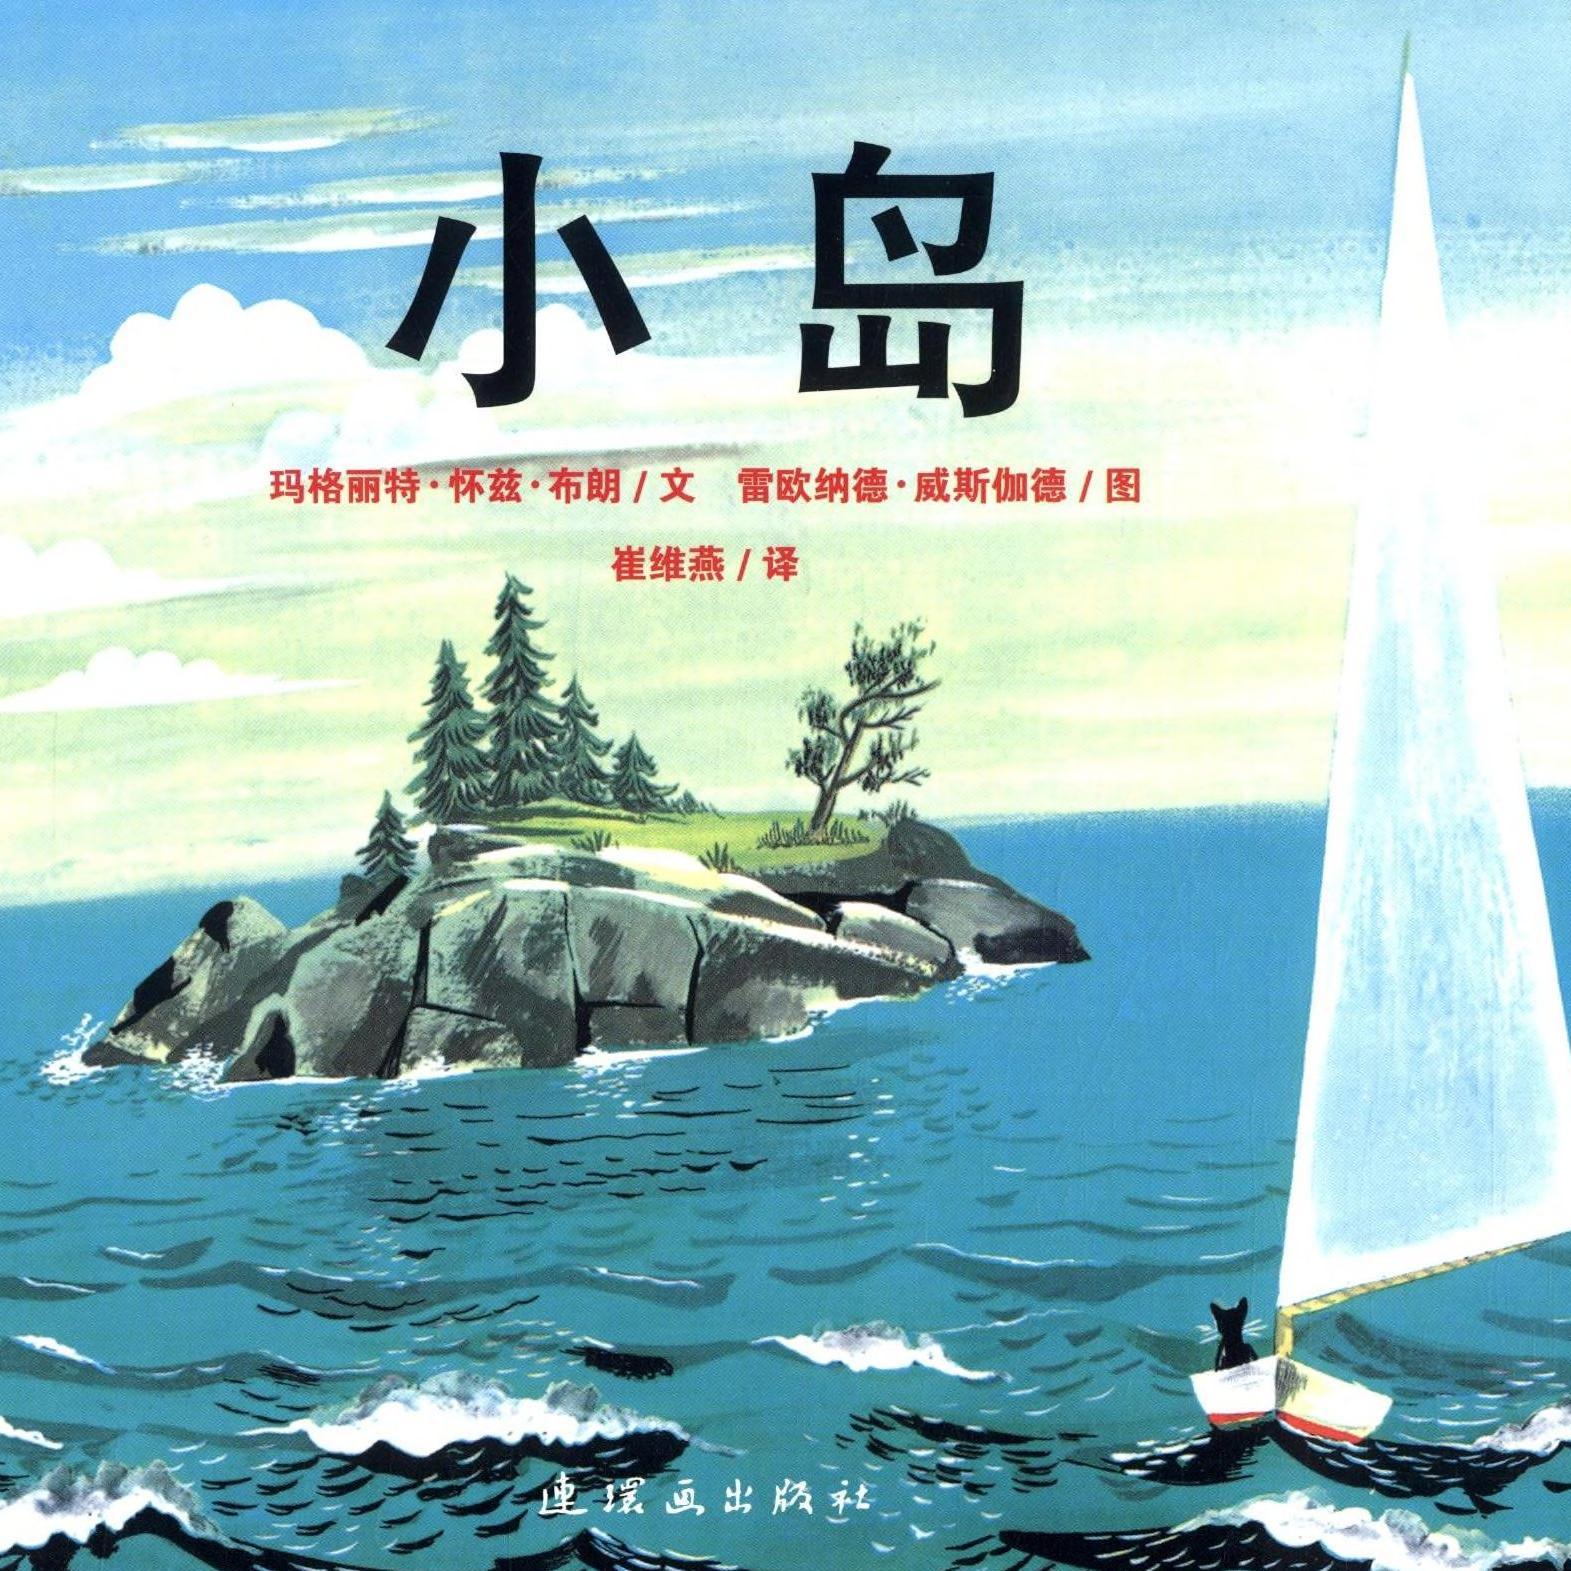 《小岛》文字和清澈的画面来歌颂四季推移中的自然美